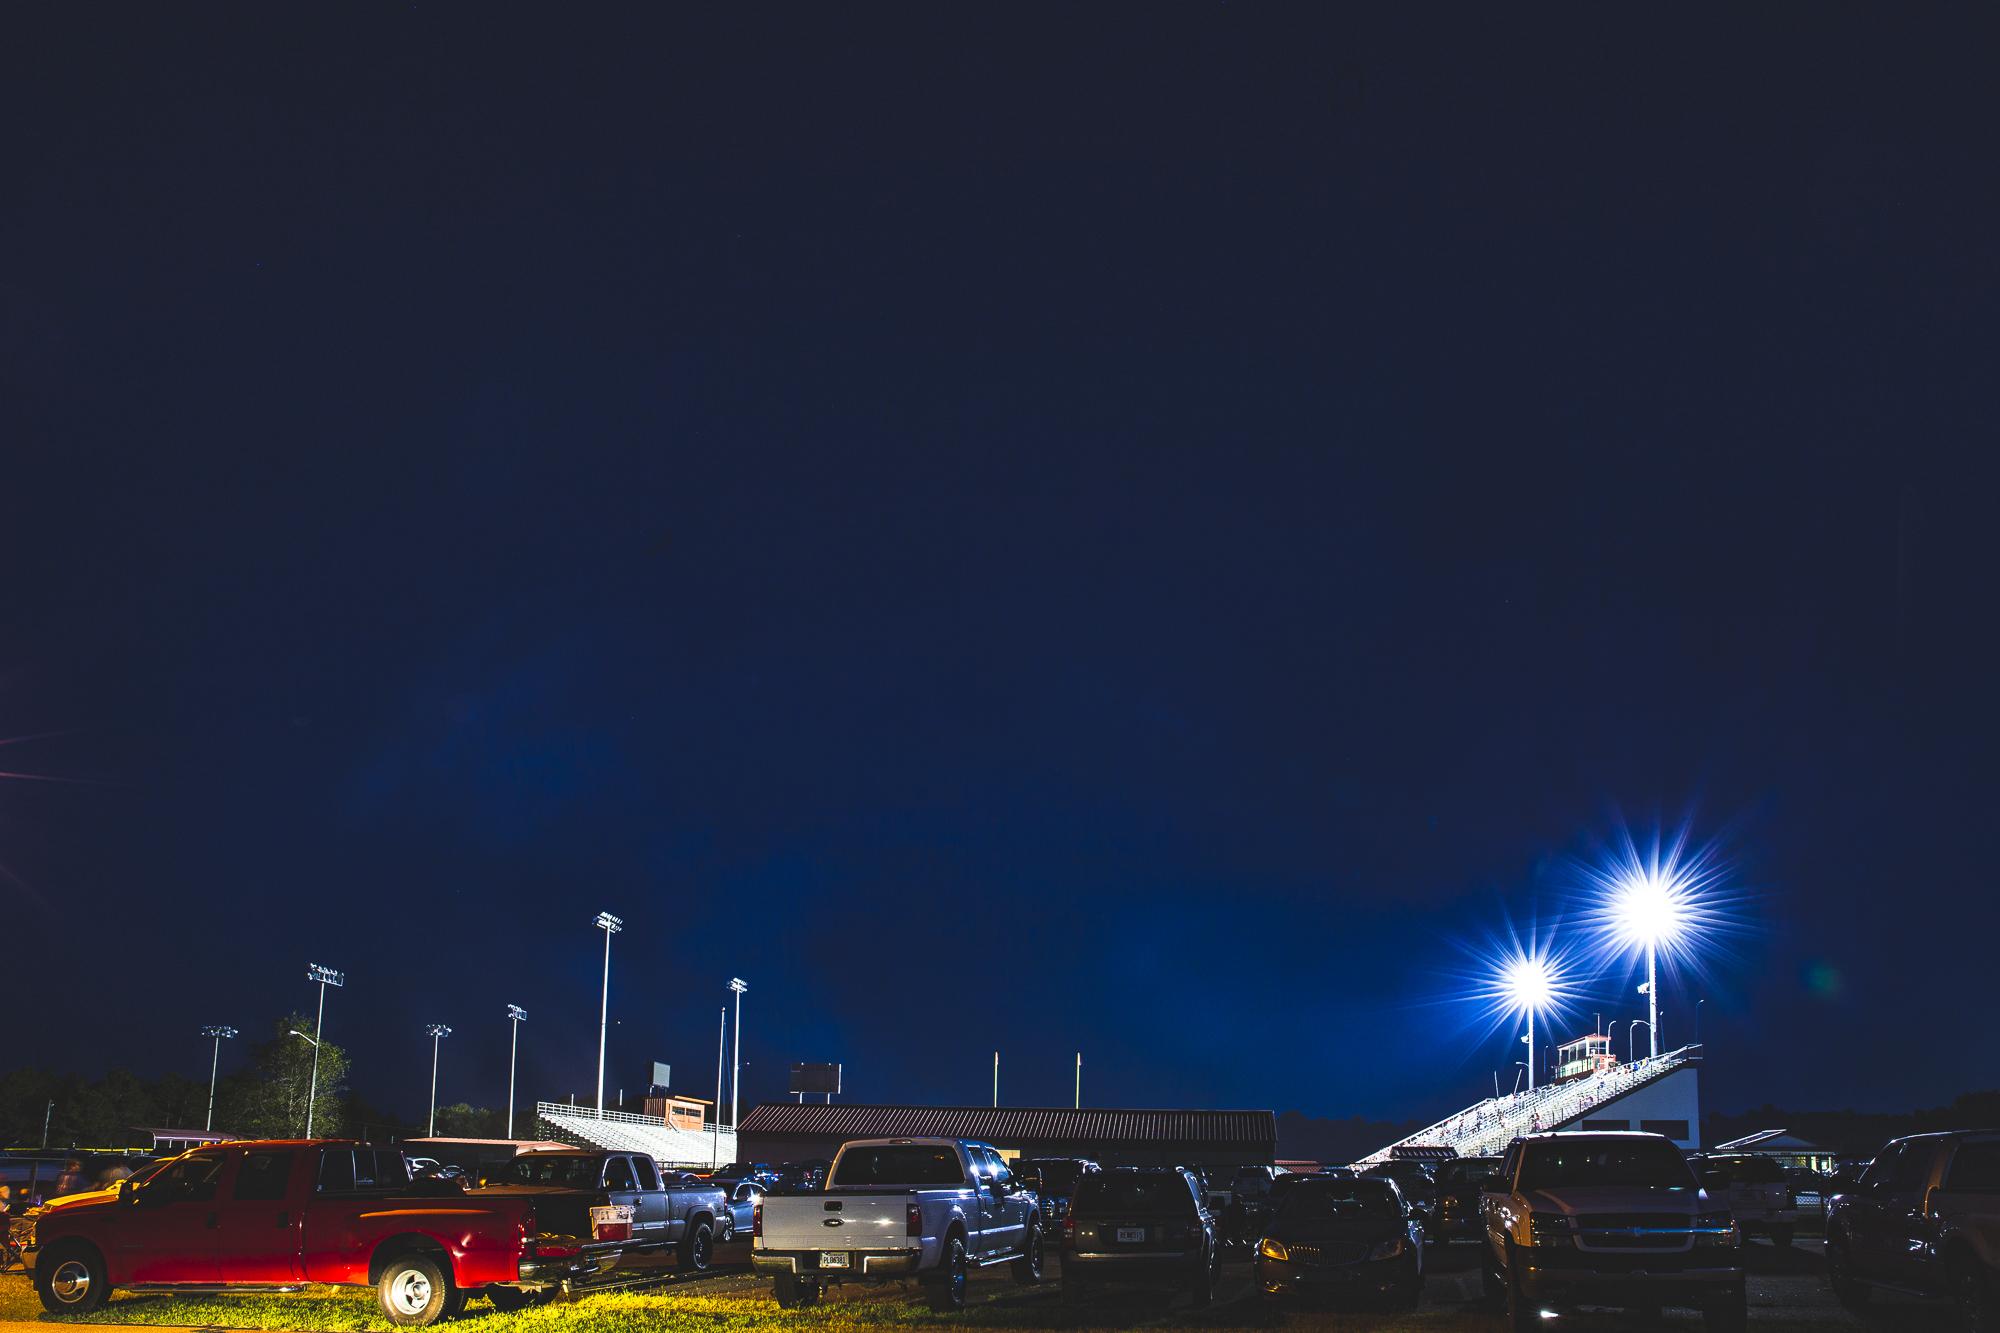 fireworks-2018-jardine-stadium-2.jpg